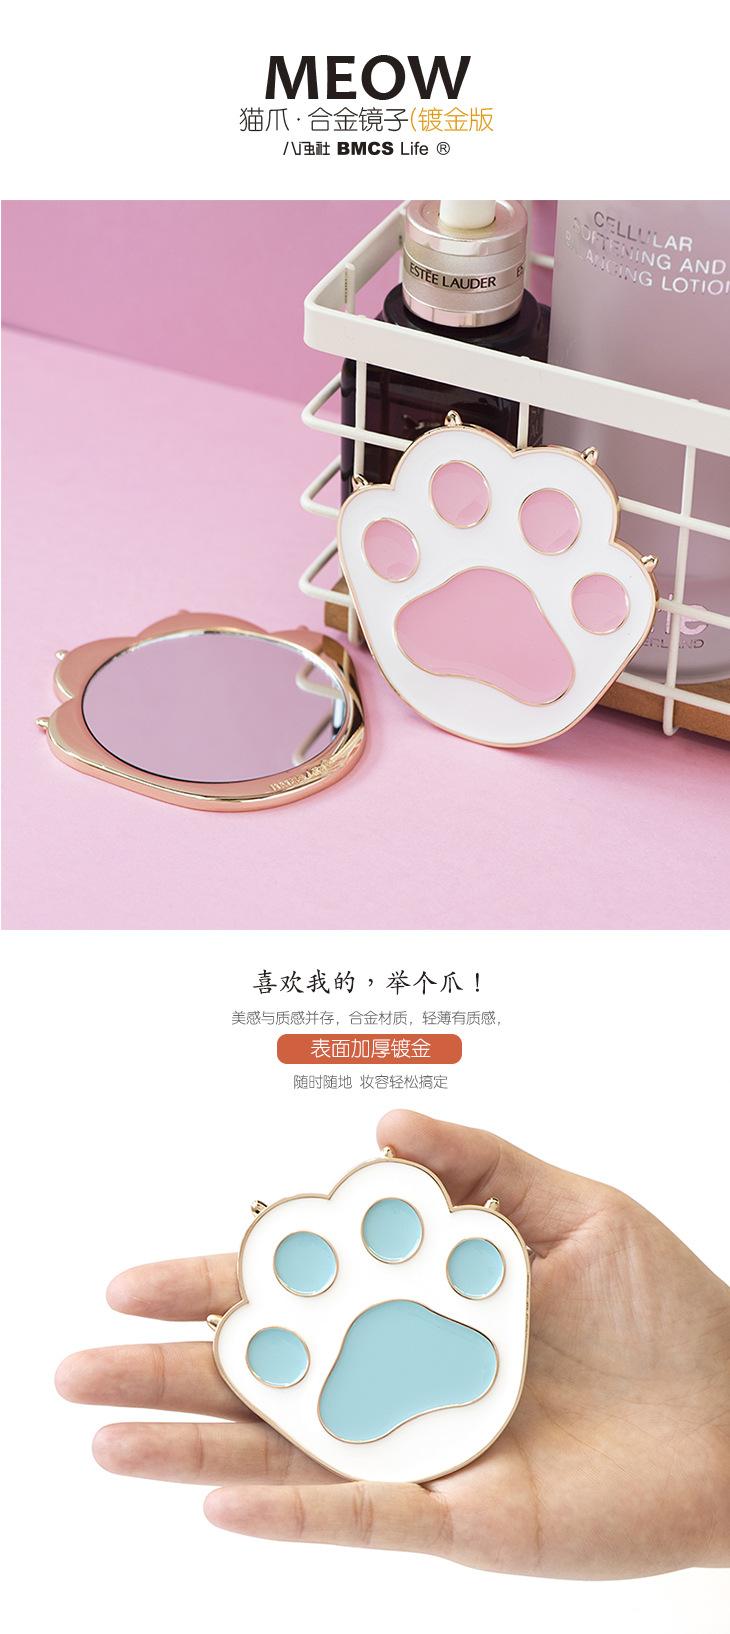 猫爪合金镜子(详情页01.jpg